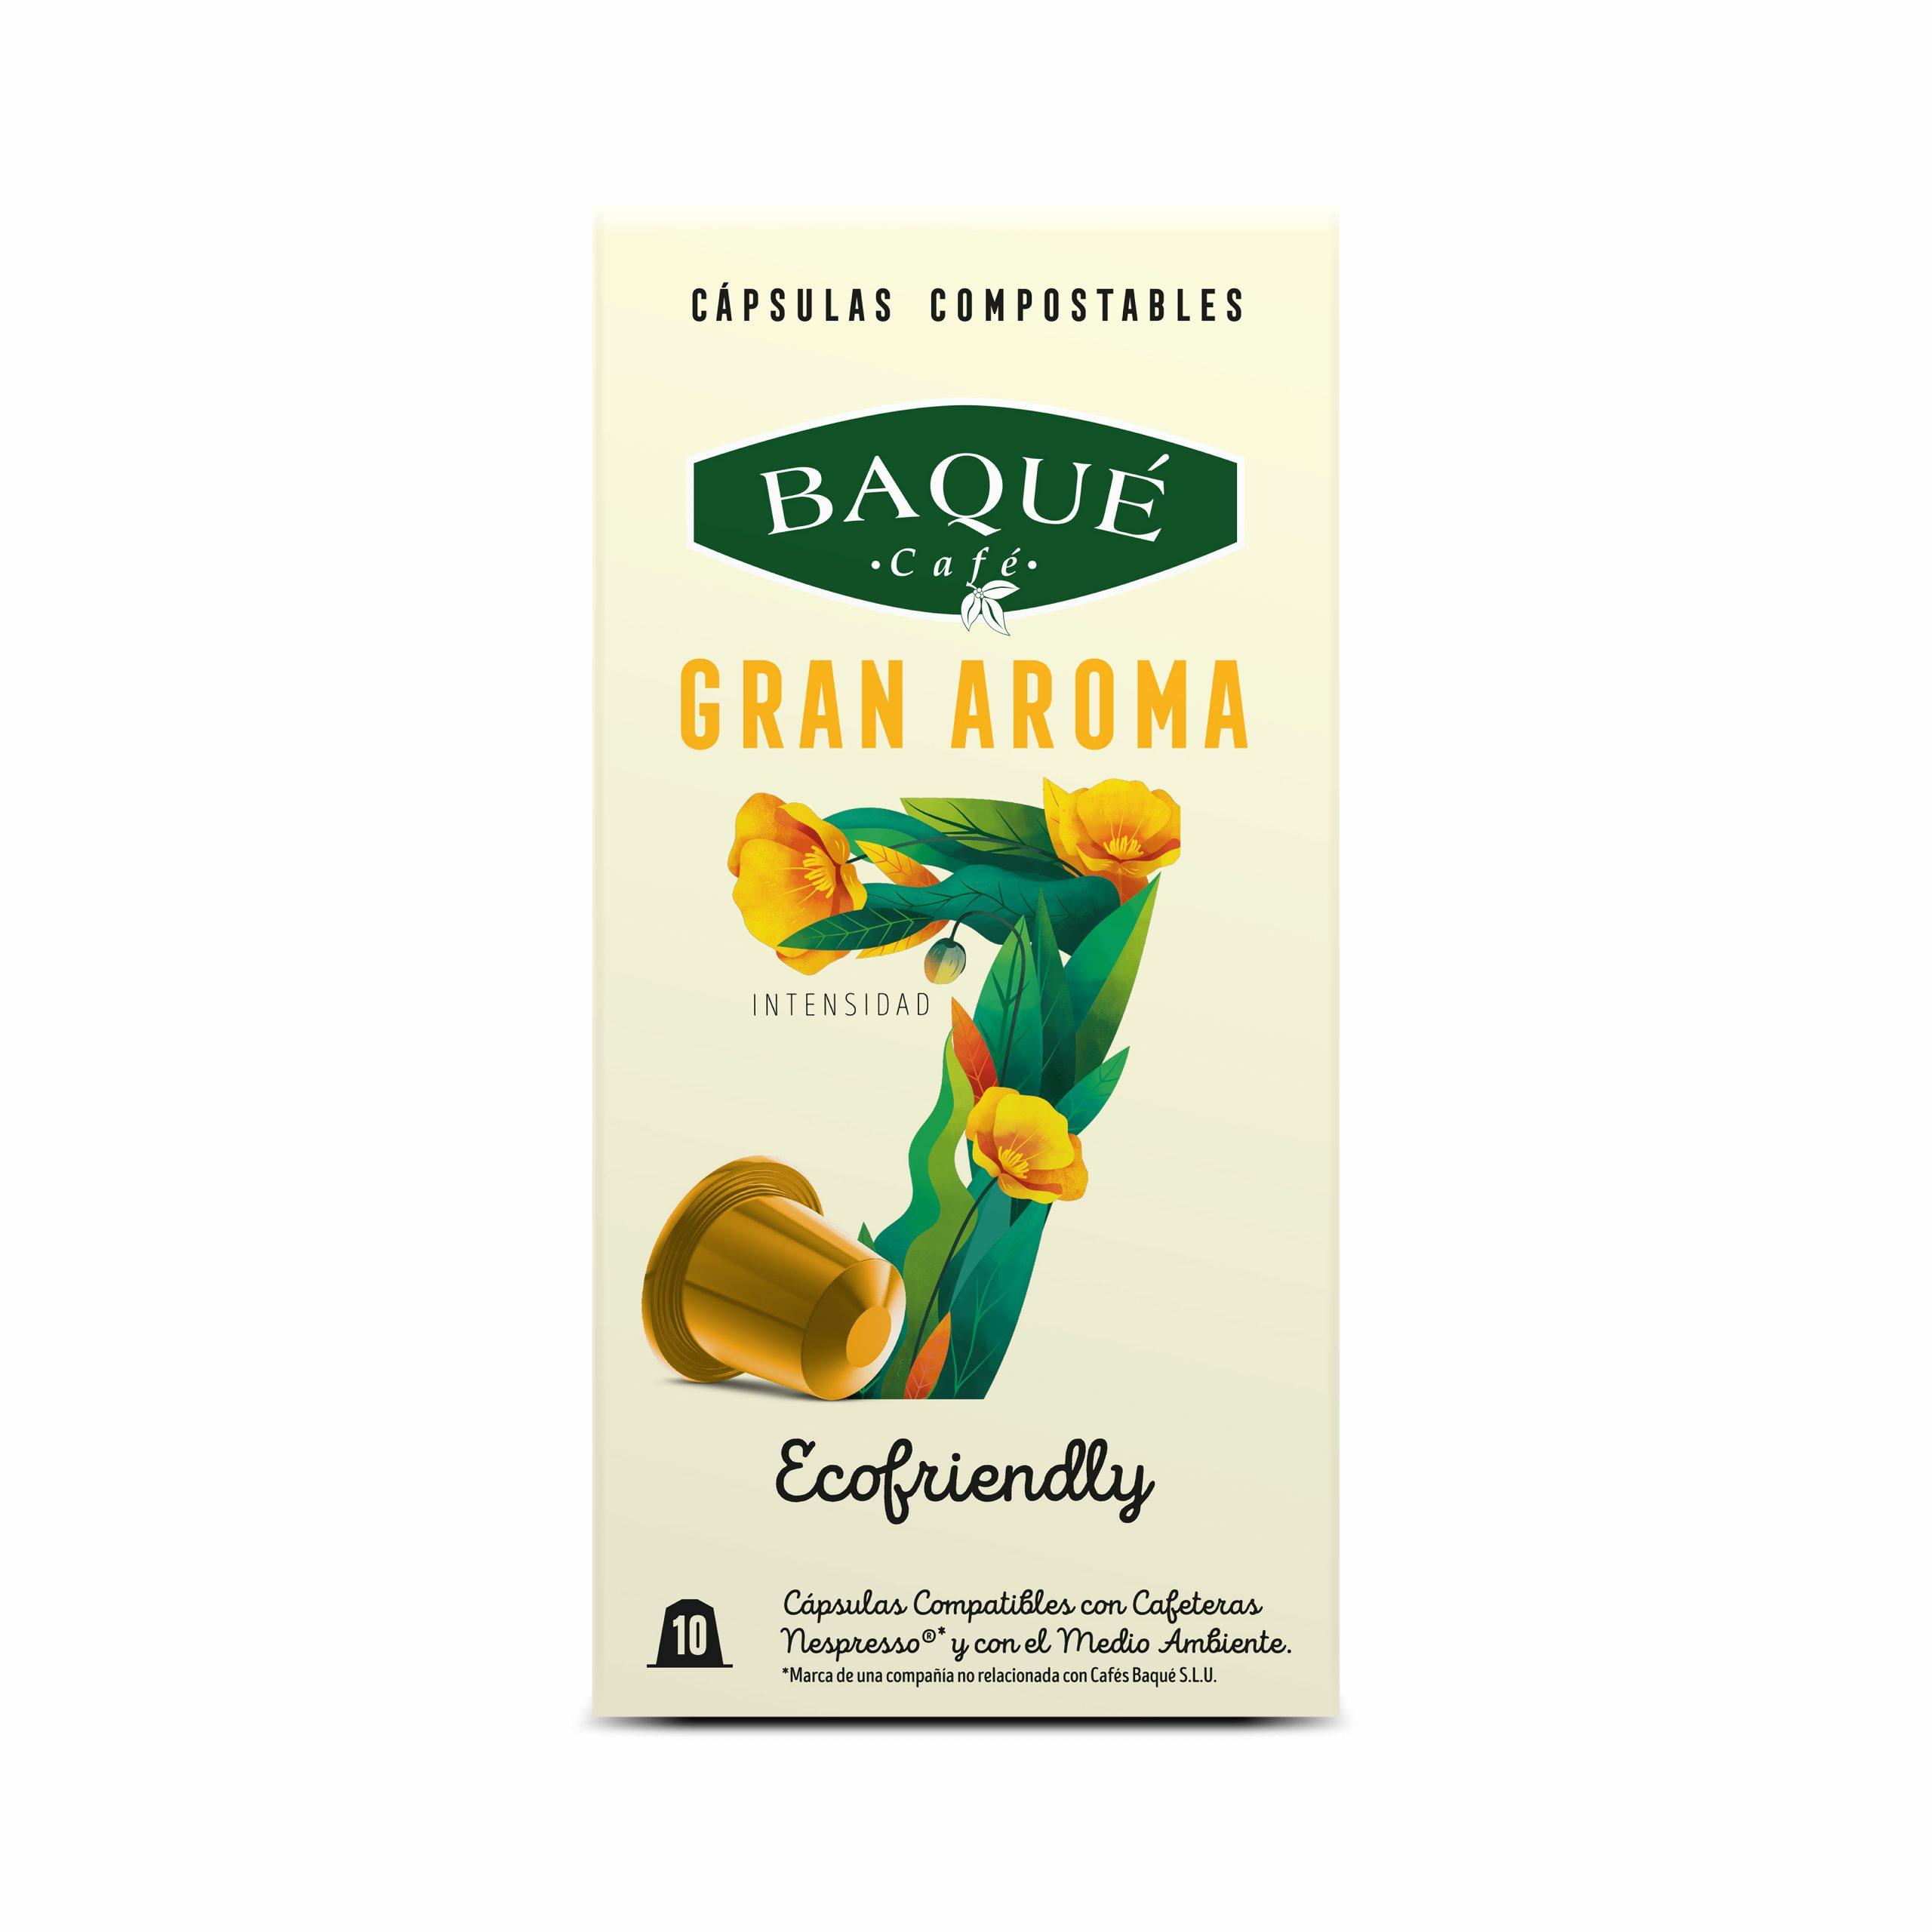 Aroma Handia 10 kapsula Konpostagarri  Nespresso®-rekin bateragarriak